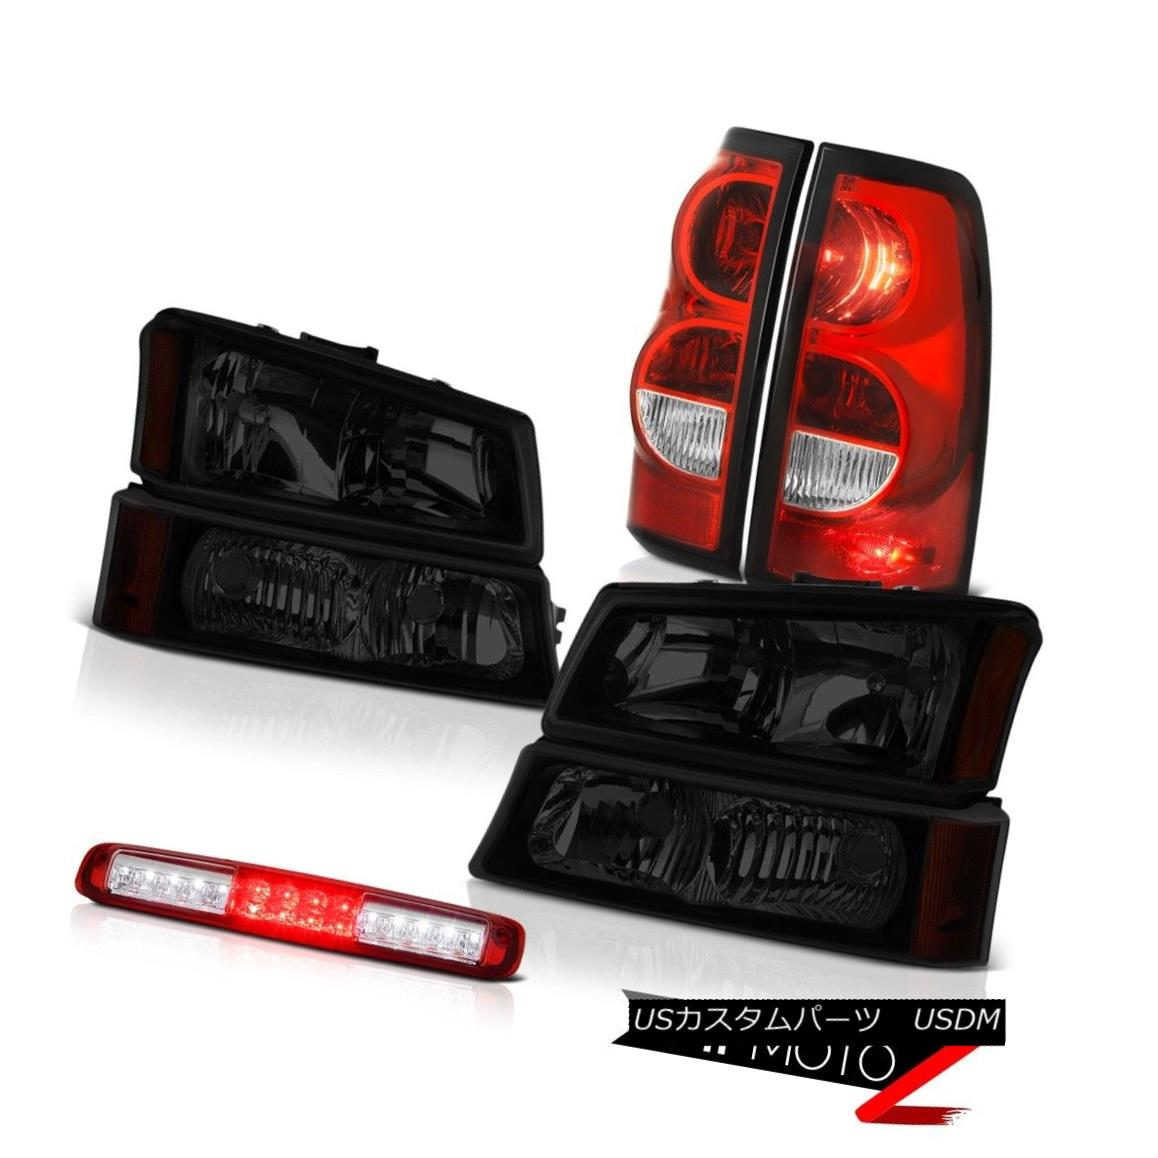 テールライト 03-06 Silverado 1500 High Stop Light Tail Brake Lamps Sinister Black Headlamps 03-06 Silverado 1500ハイストップライトテールブレーキランプシニスターブラックヘッドランプ